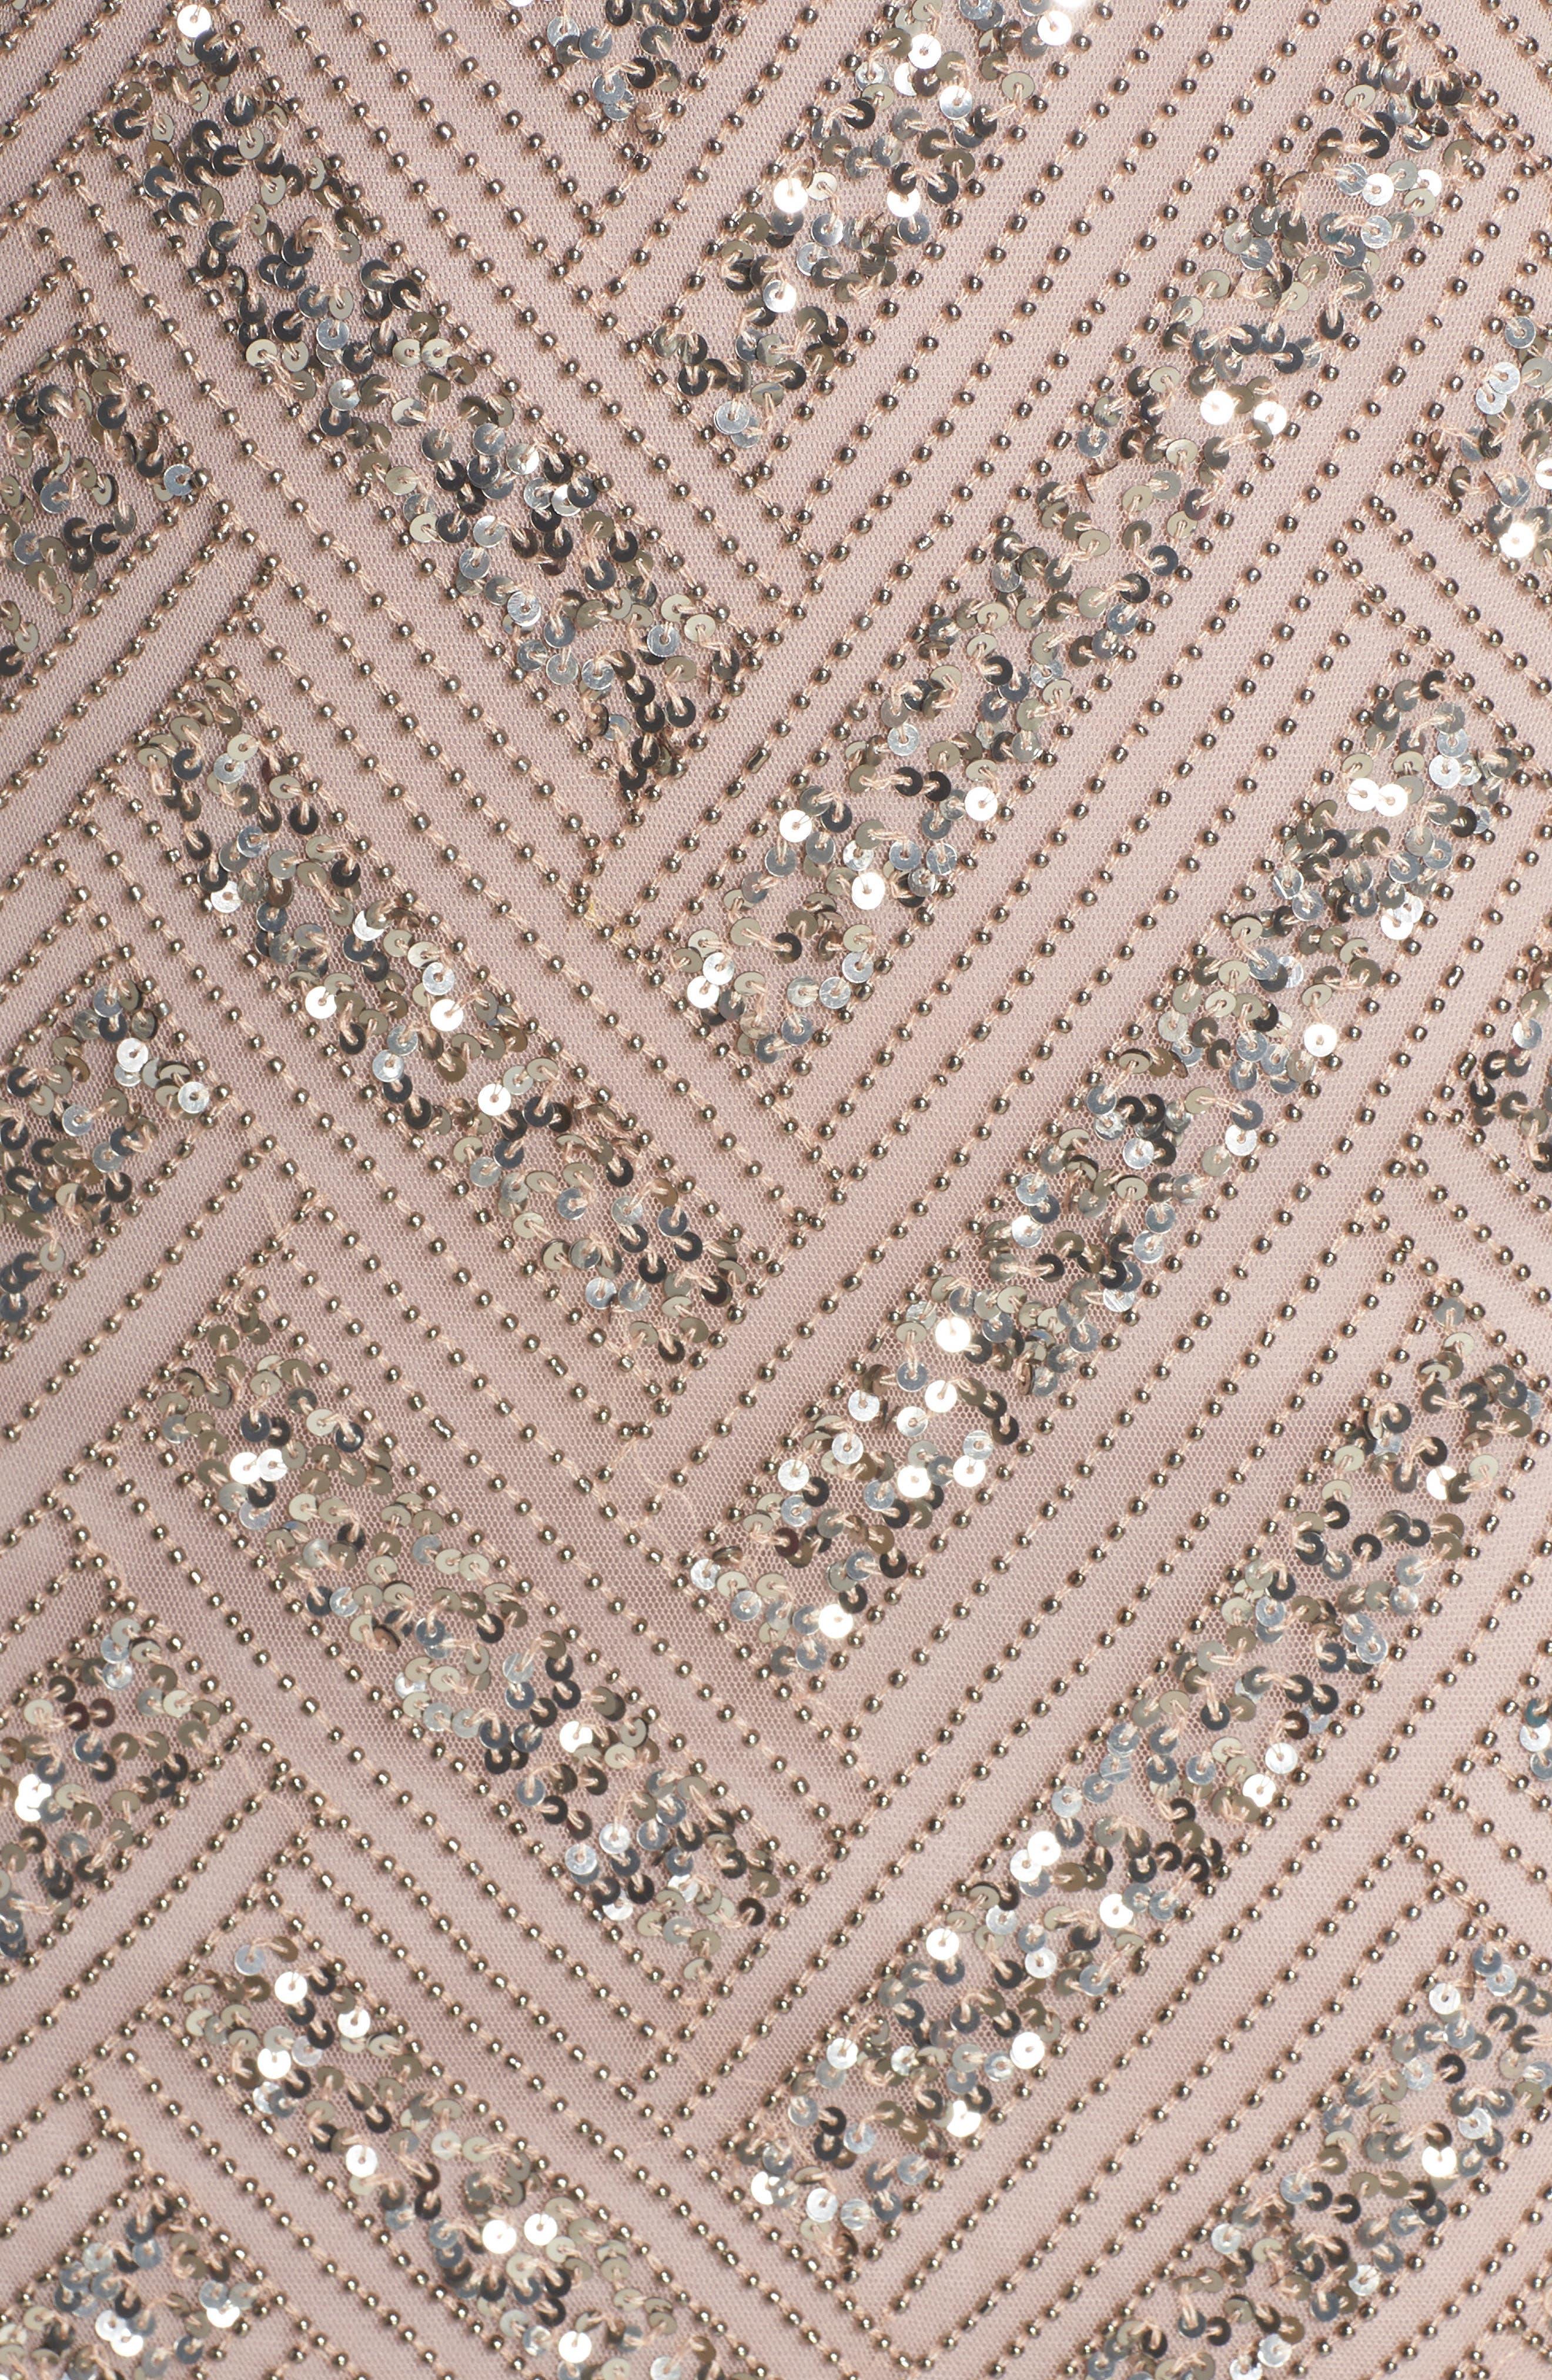 Beaded V-Neck Sheath Dress,                             Alternate thumbnail 5, color,                             LIGHT LAVENDER